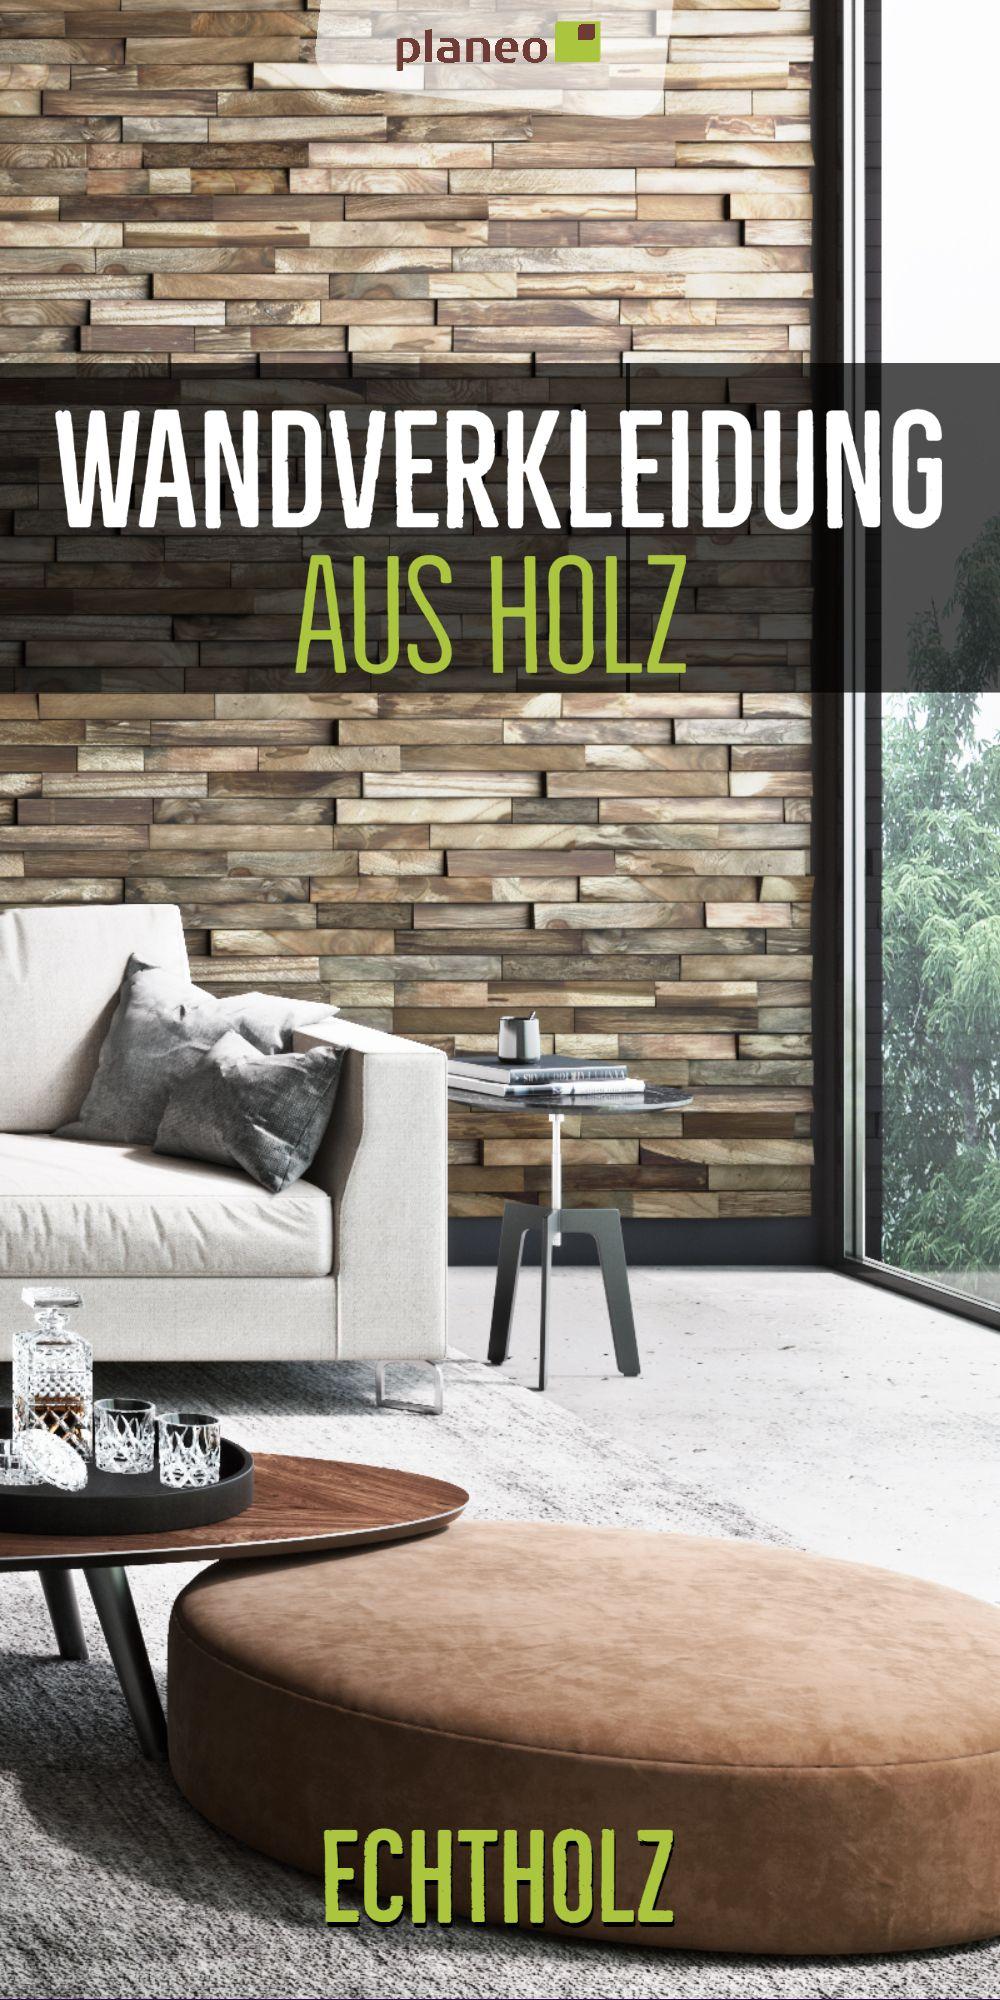 Wandverkleidung Aus Holz Holzwandverkleidung Aus Eiche Treibholz Teak Zirbe Nussbaum U V M Geeignet Fur Wohnz In 2020 Wandverkleidung Holzwandverkleidung Holz